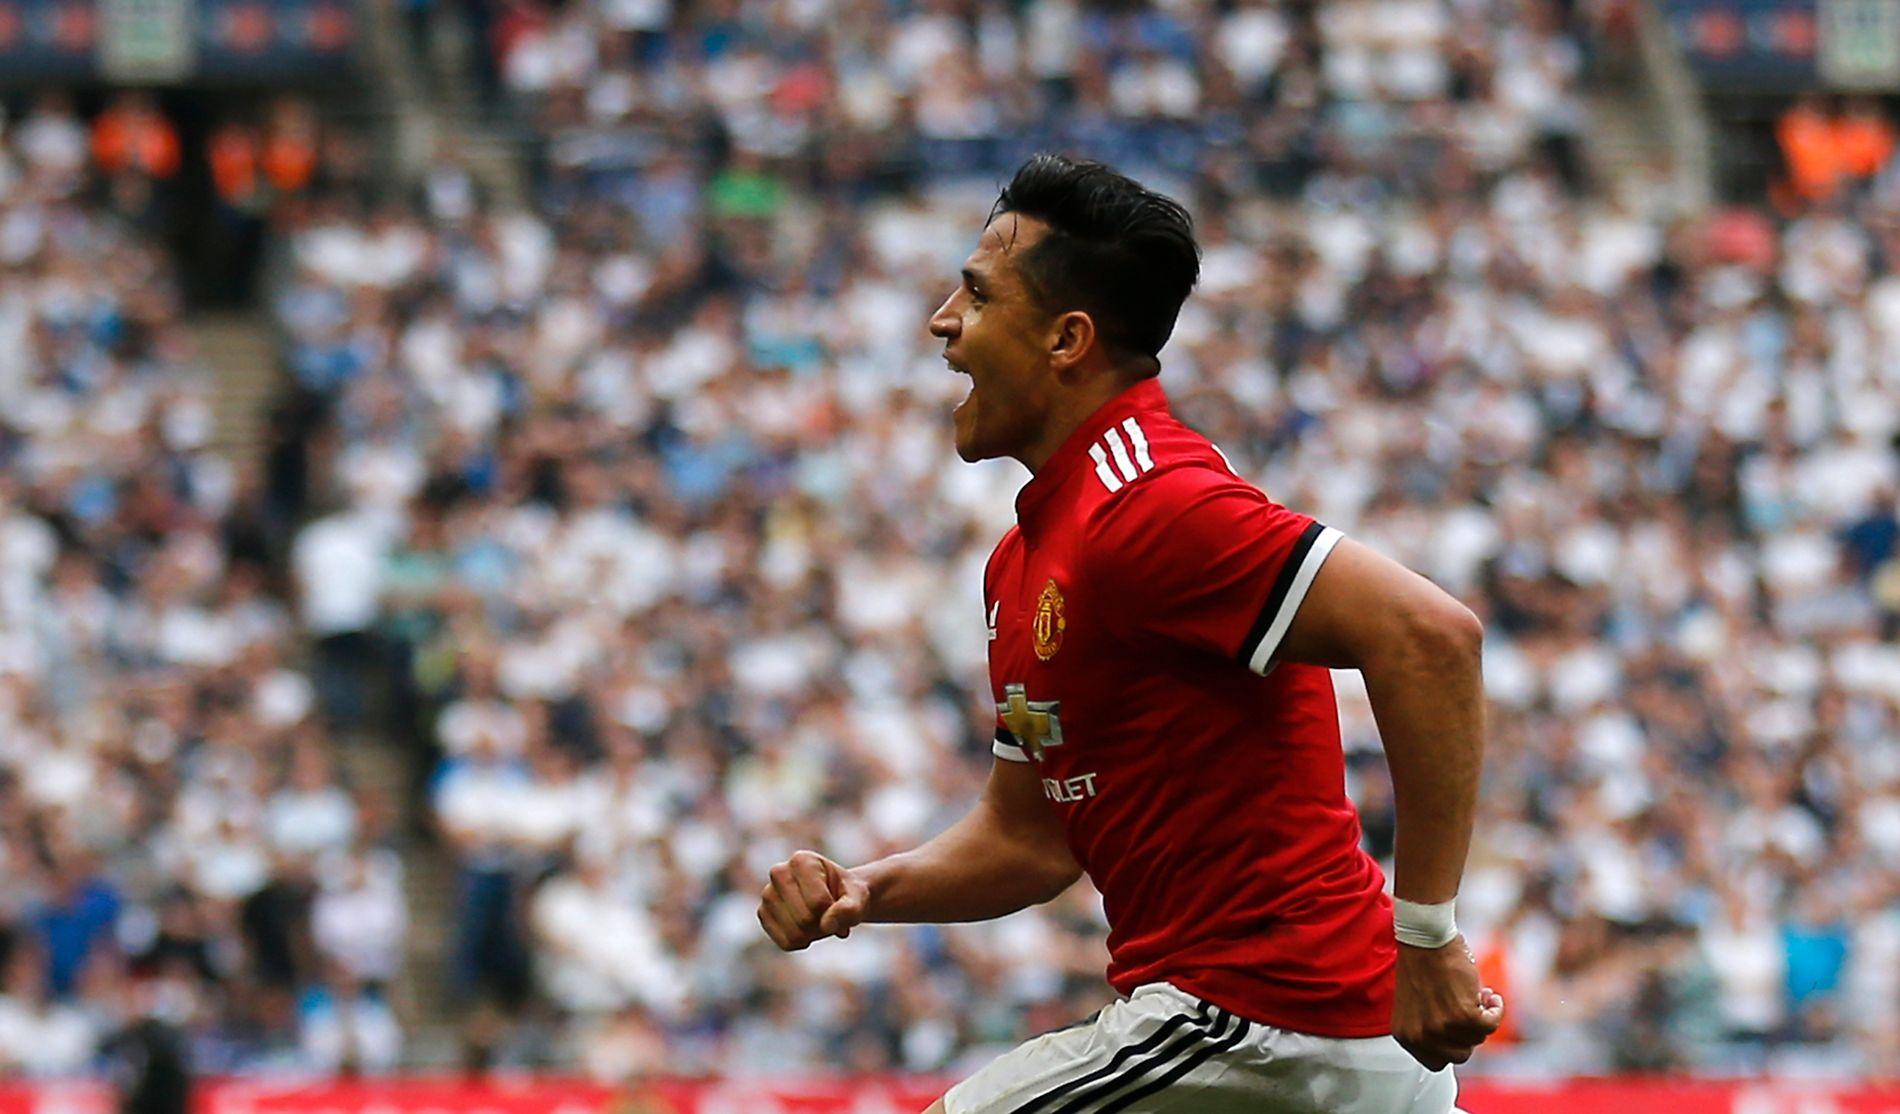 KLARE FOR FINALE: Alexis Sánchez scoret Manchester Uniteds første mål på Wembley lørdag.